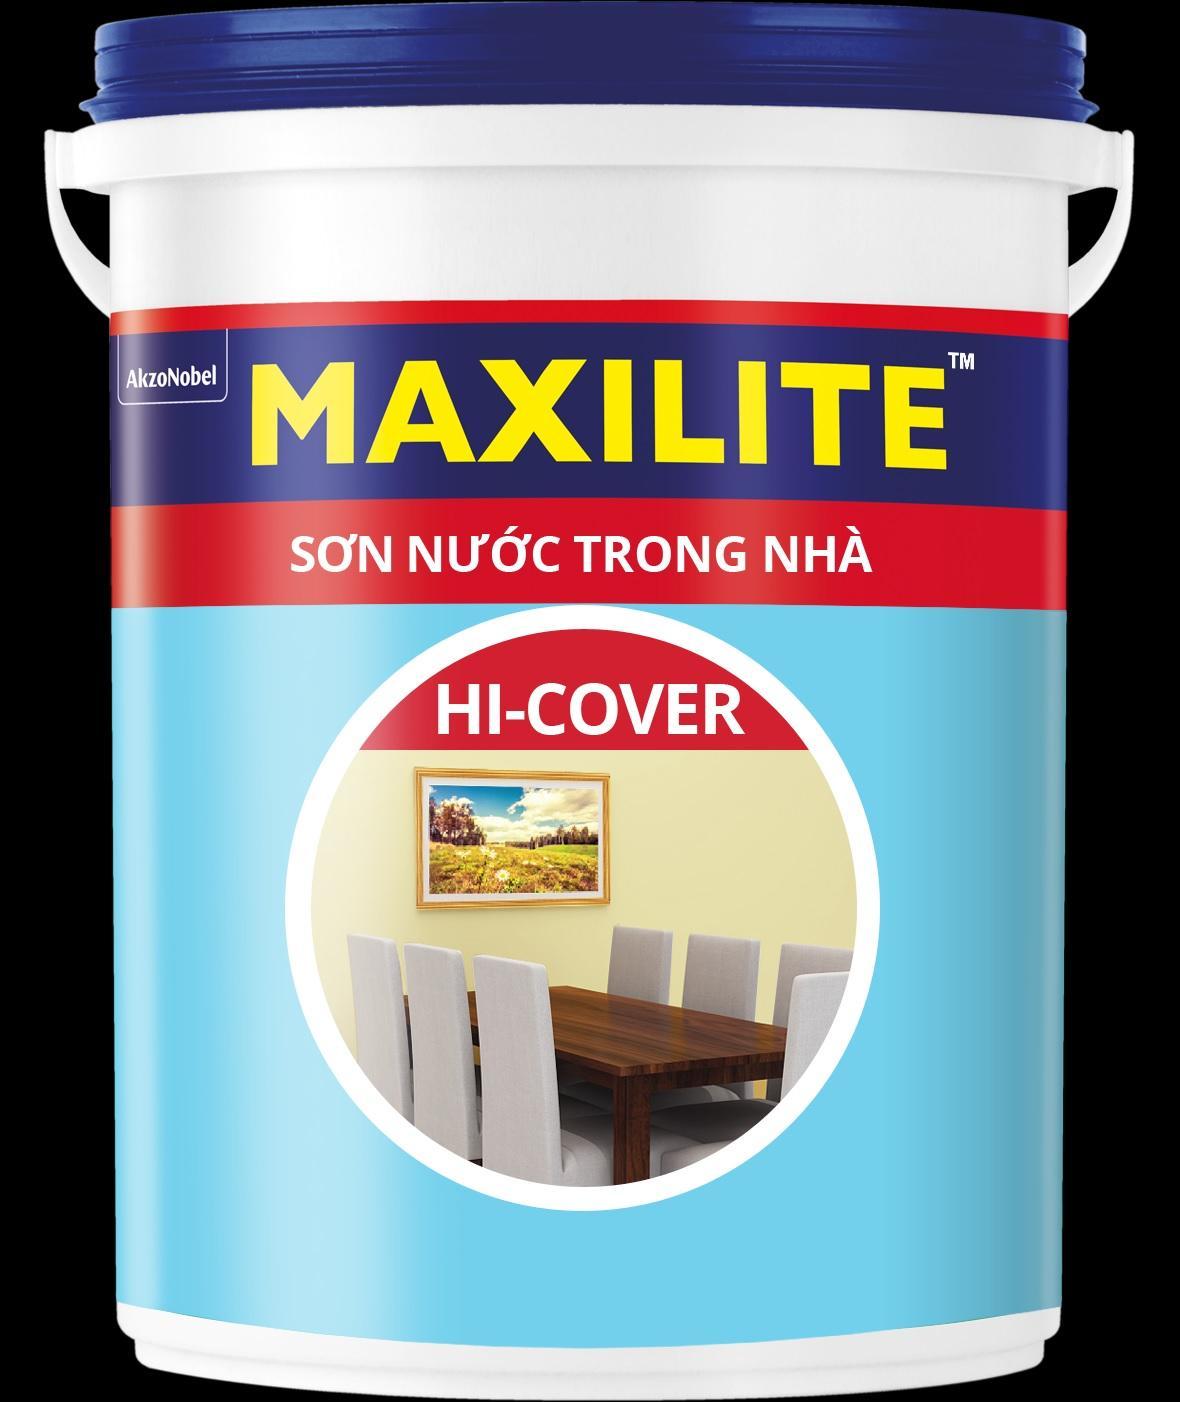 Hình ảnh Sơn nước trong nhà Maxilite Hi-cover